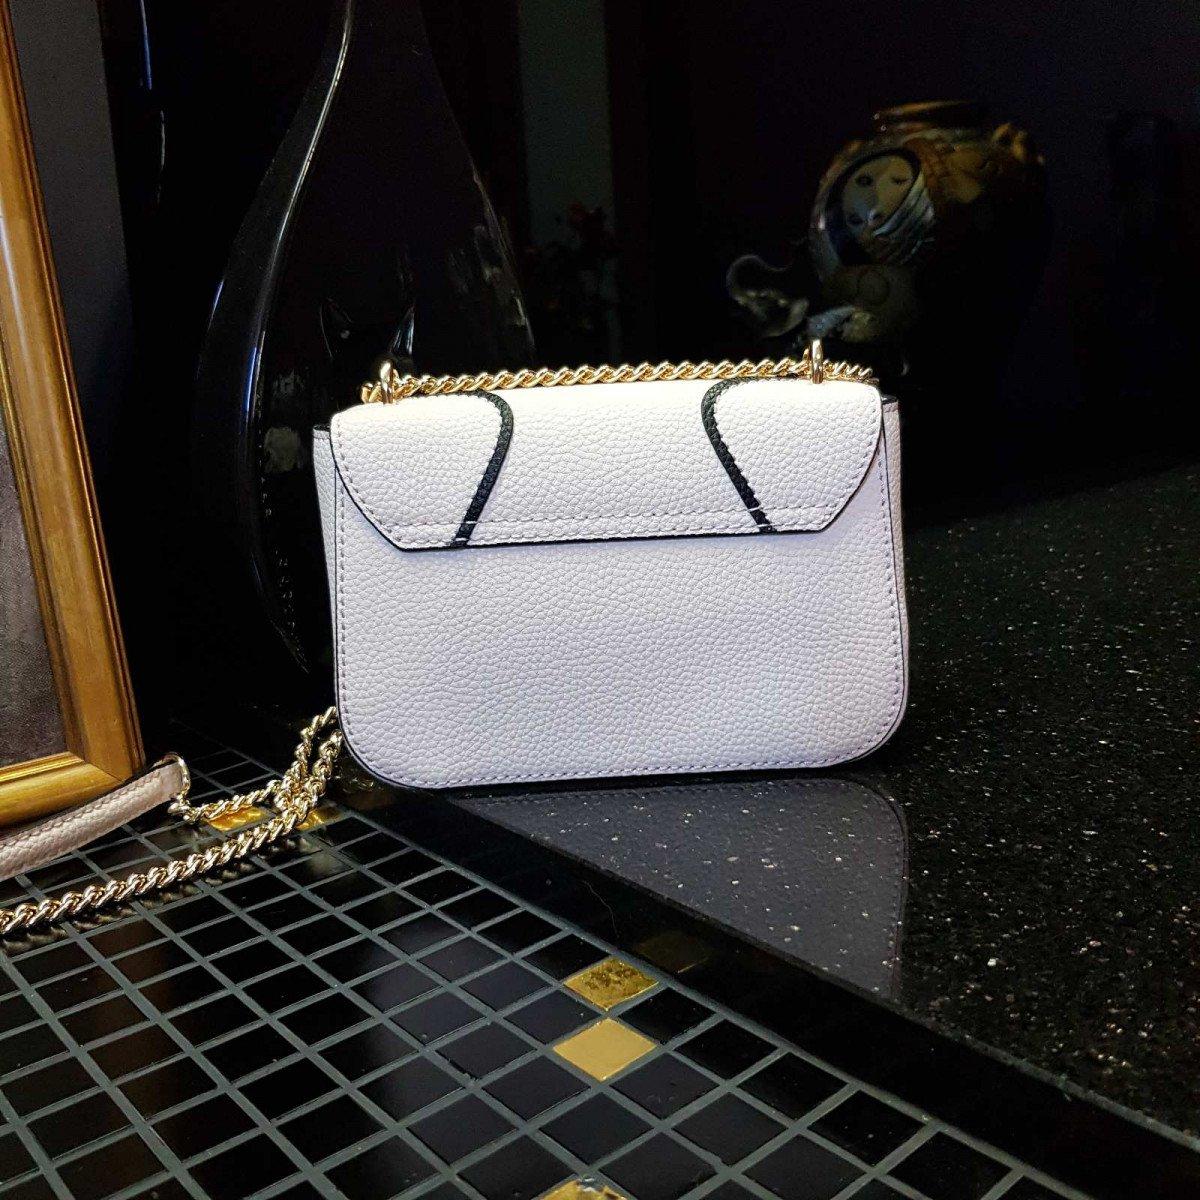 Кожаная женская сумка LA Martina 41W413 P0004 milk из натуральной кожи из натуральной кожи